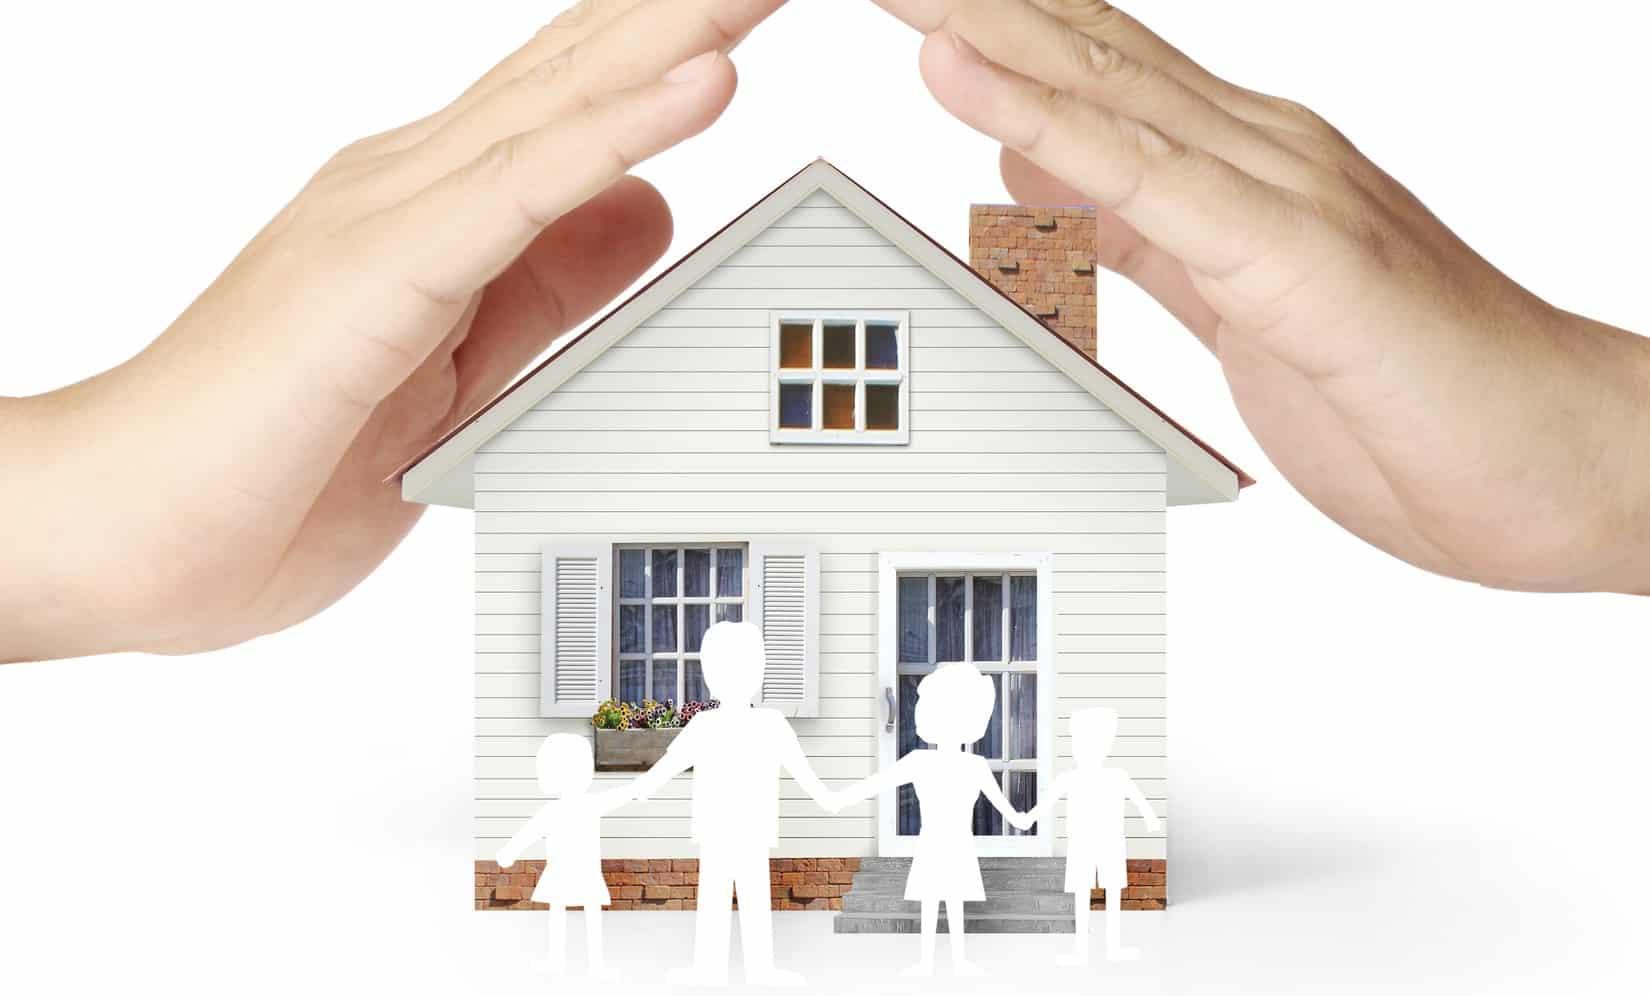 Razones para contratar un seguro de hogar